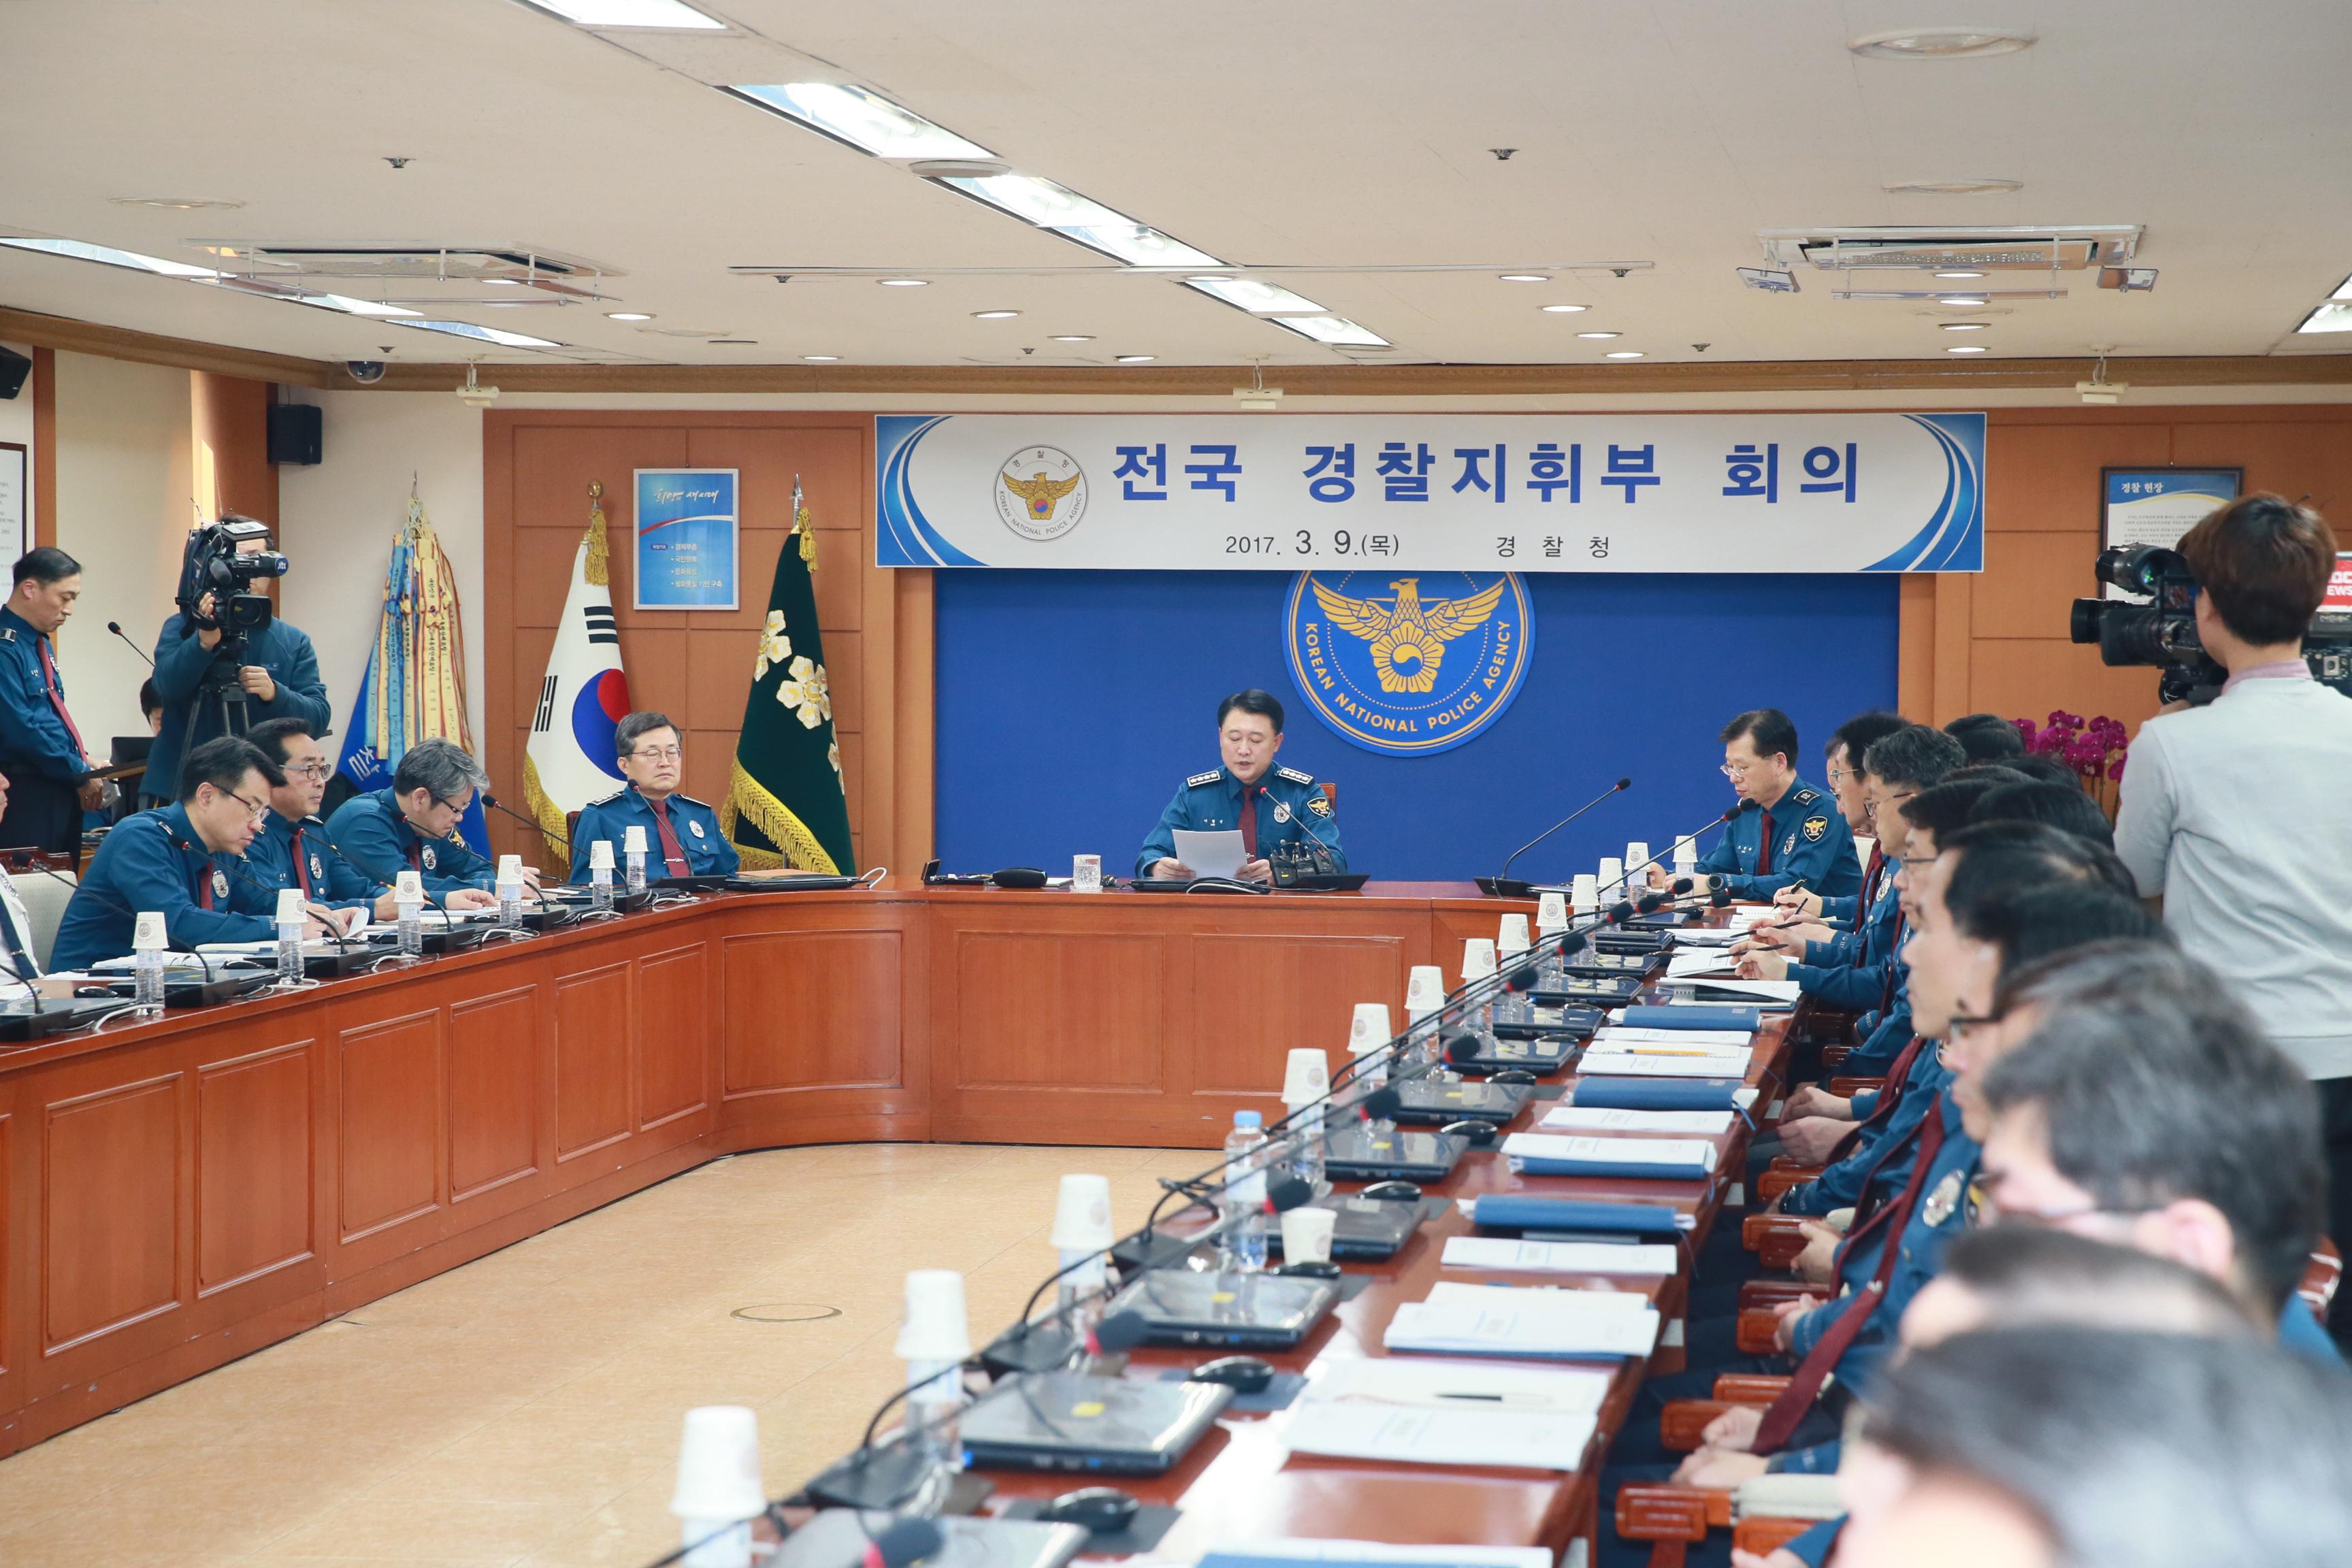 전국 경찰지휘부 회의 개최